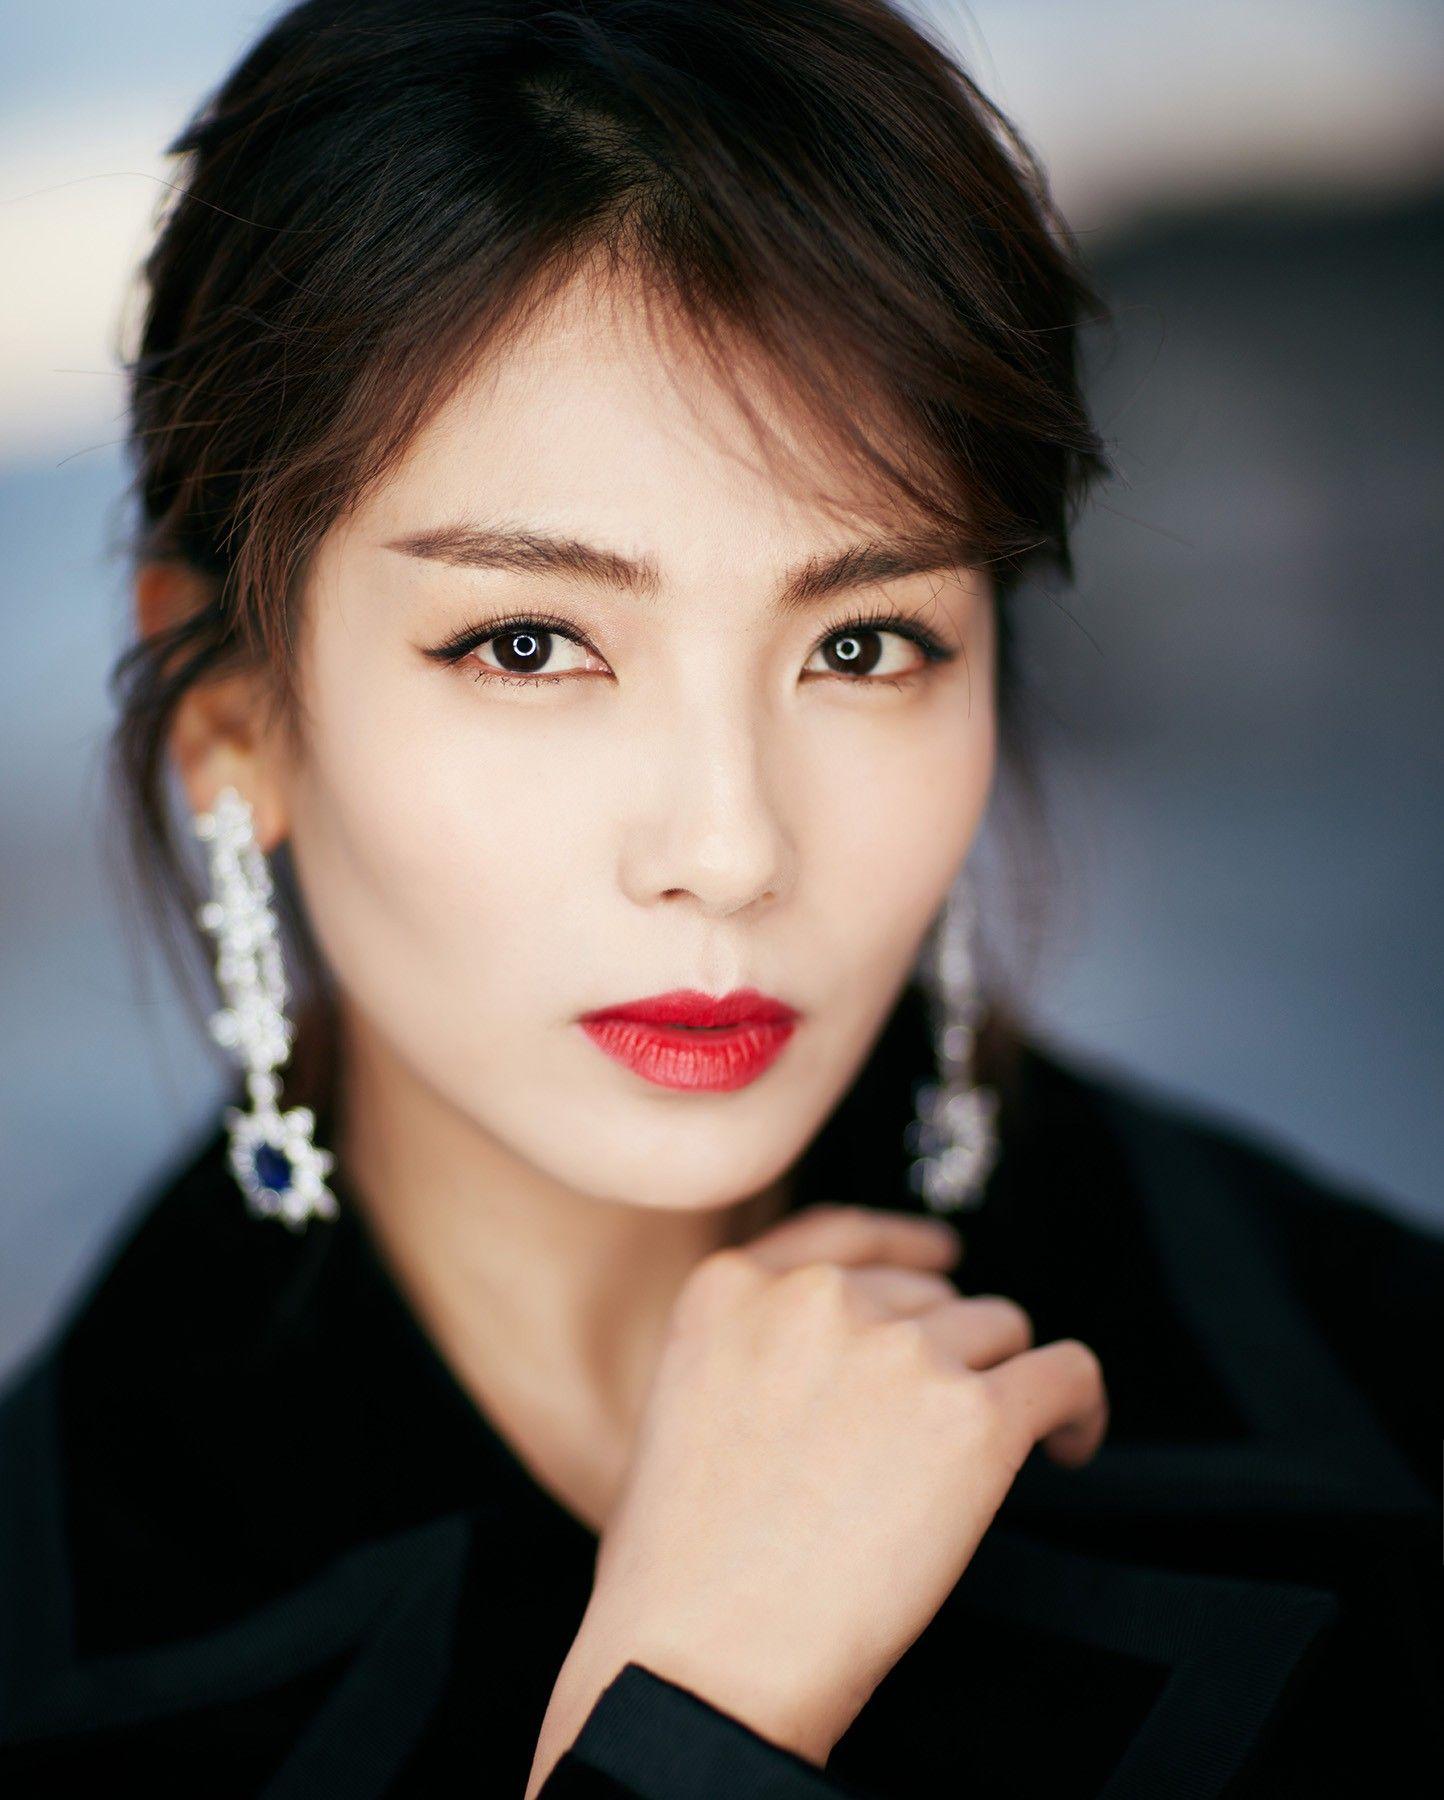 怪不得人家说美人在骨不在皮,由内而外的美是真的美啊——刘涛